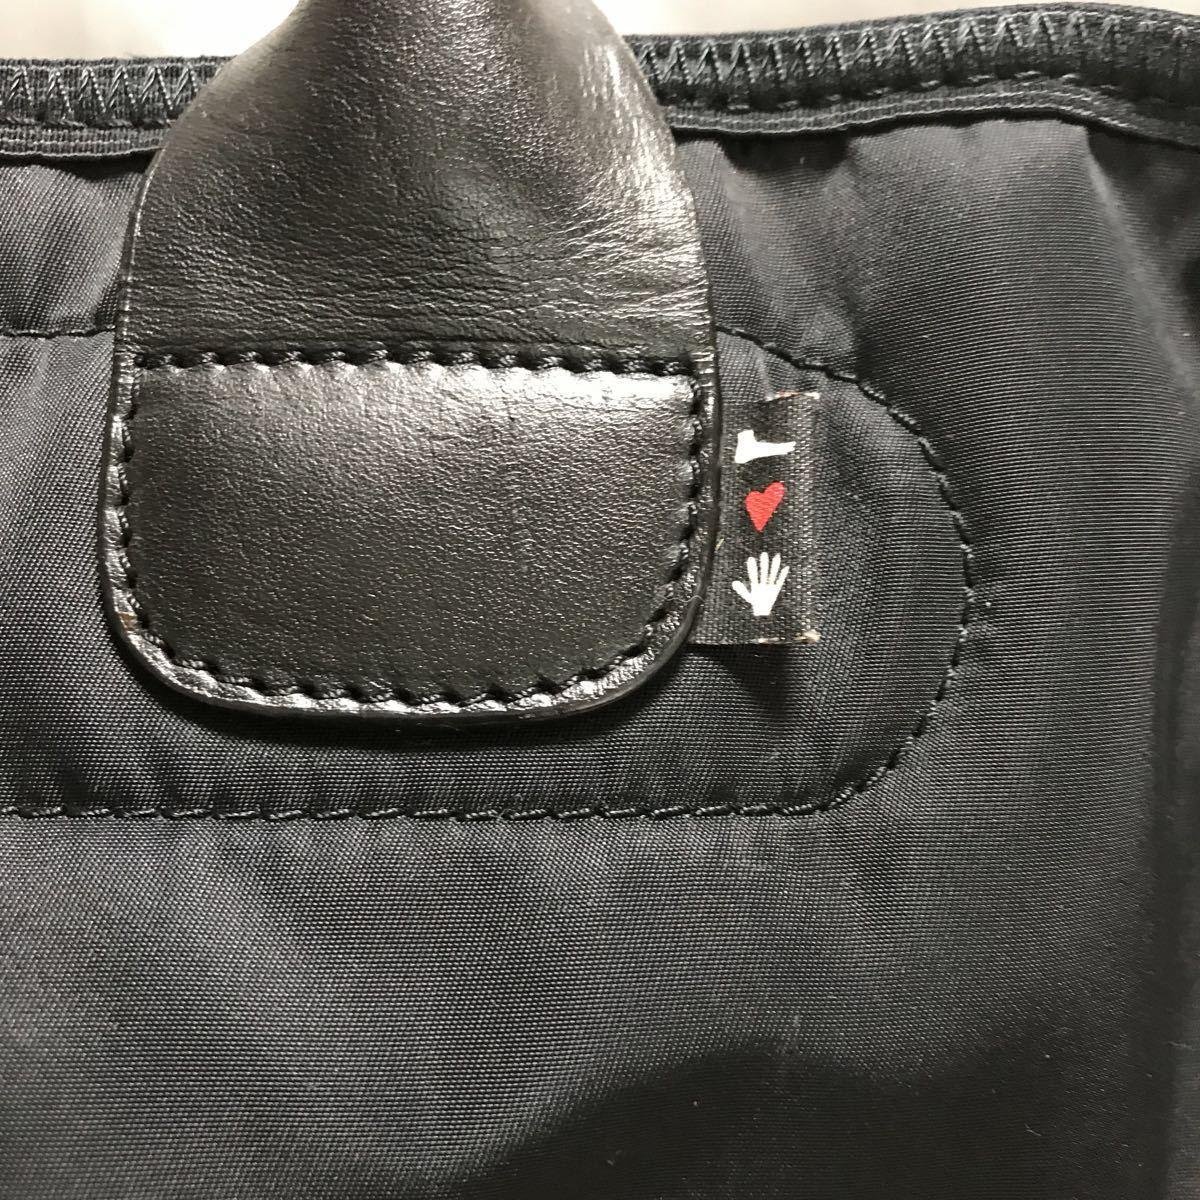 カンペール CAMPER by hands ブリーフケース ビジネスバッグ 黒×赤 パソコンバッグ レディース メンズ_画像2